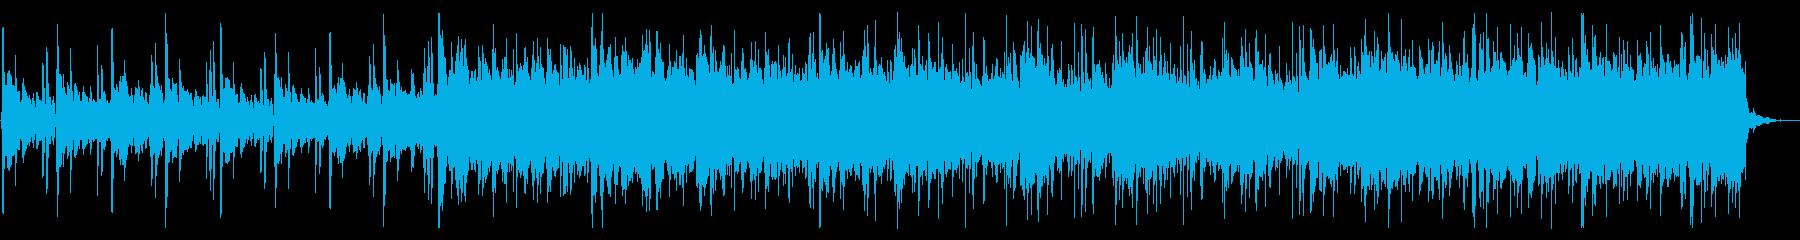 幻想的/夢/リラックス_No608_2の再生済みの波形